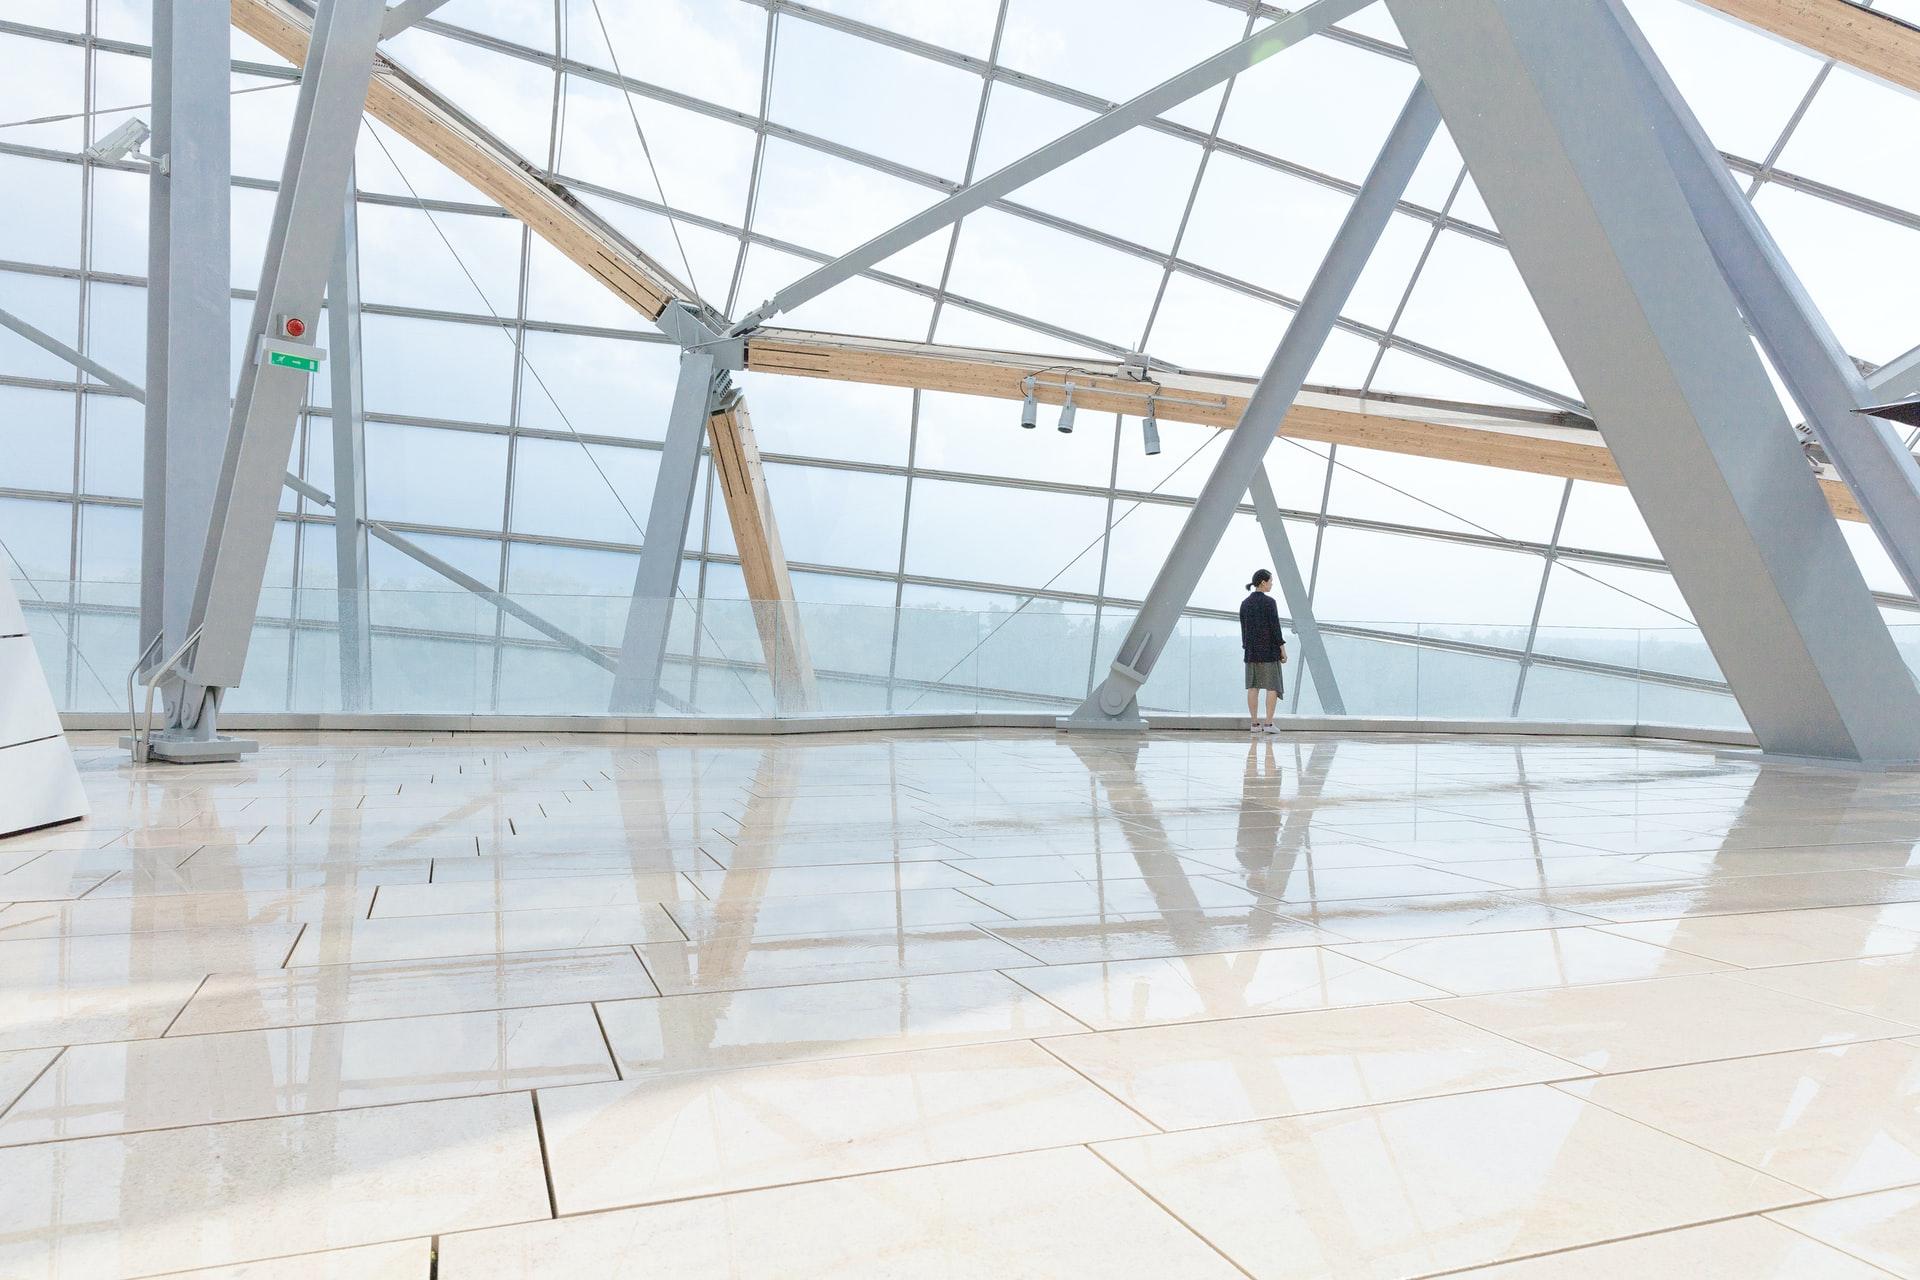 Architecture inside the Fondation Louis Vuitton in Paris